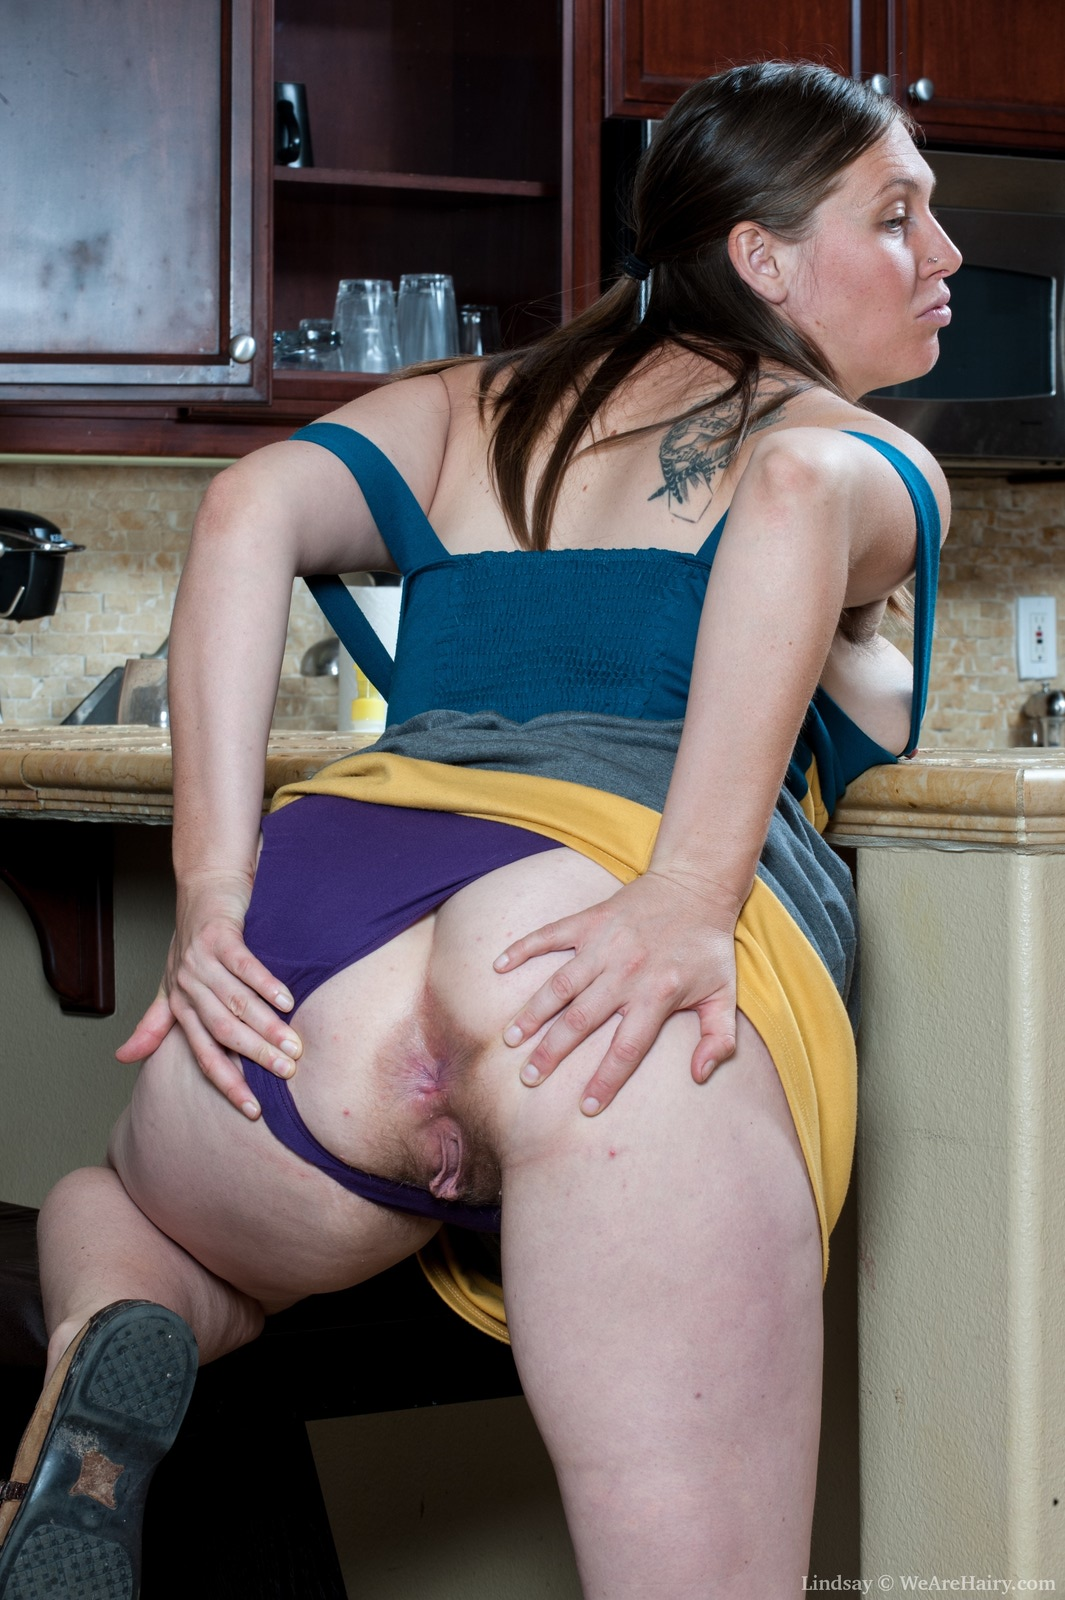 Секс на кухне фото частное